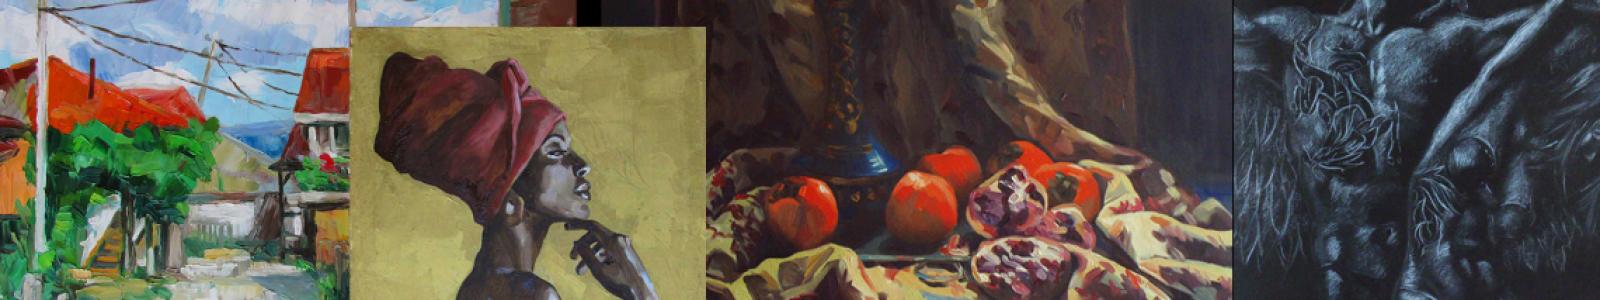 Gallery Painter Kateryna Bortsova